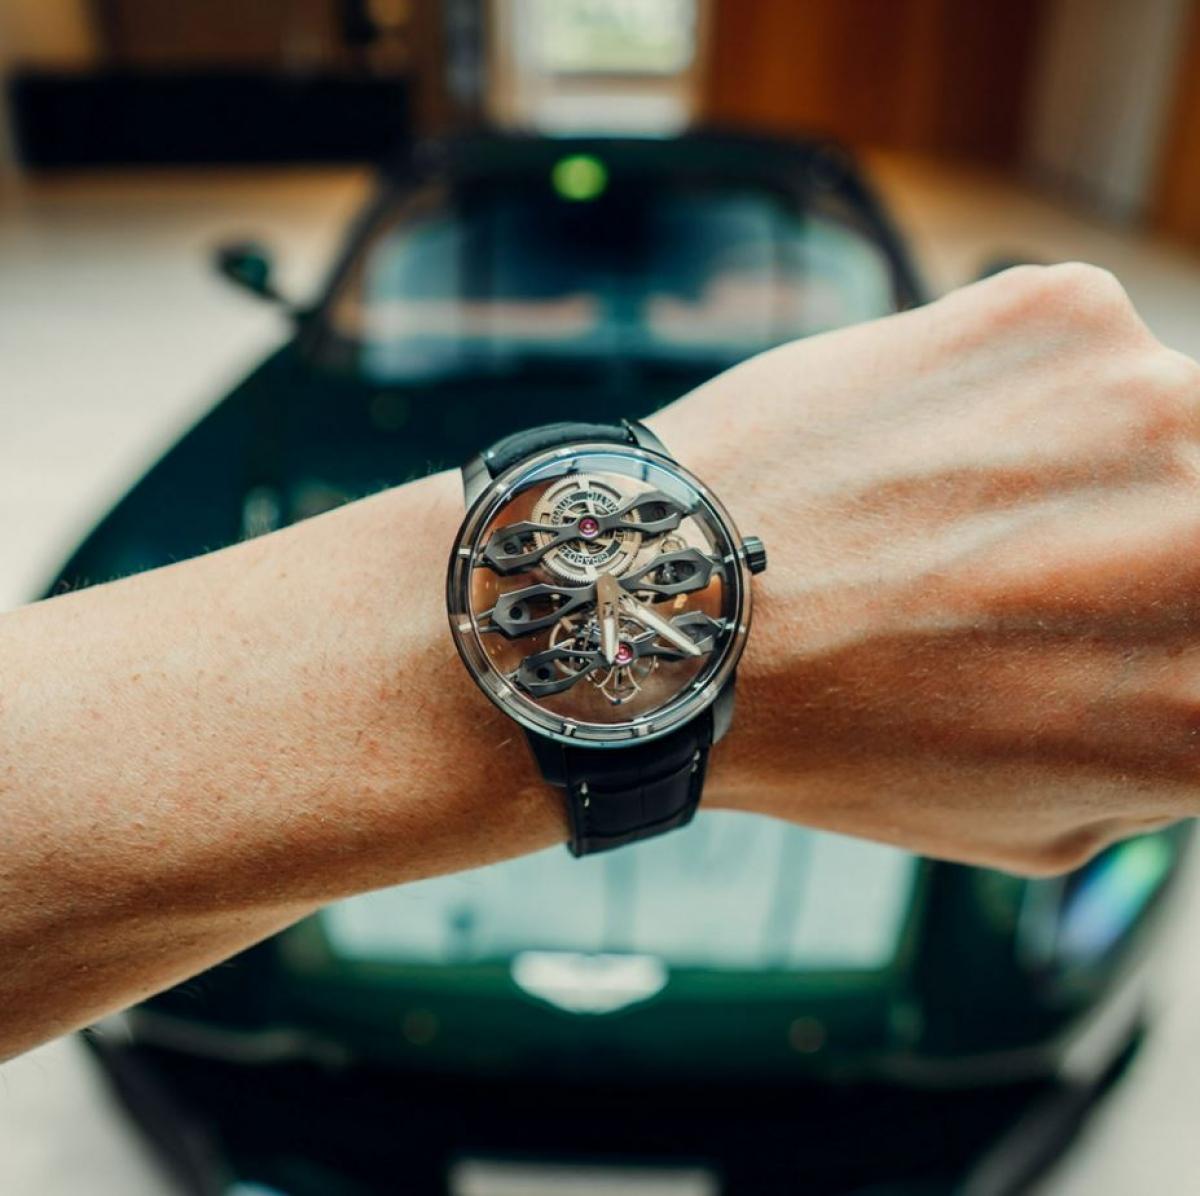 Mẫu đồng hồ này là kết quả của sự hợp tác giữa hãng xe Anh và nhà sản xuất đồng hồ Thụy Sĩ. Được chế tạo từ titan cấp 5, trang bị vỏ 44mm được làm từ dạng carbon giống kim cương.